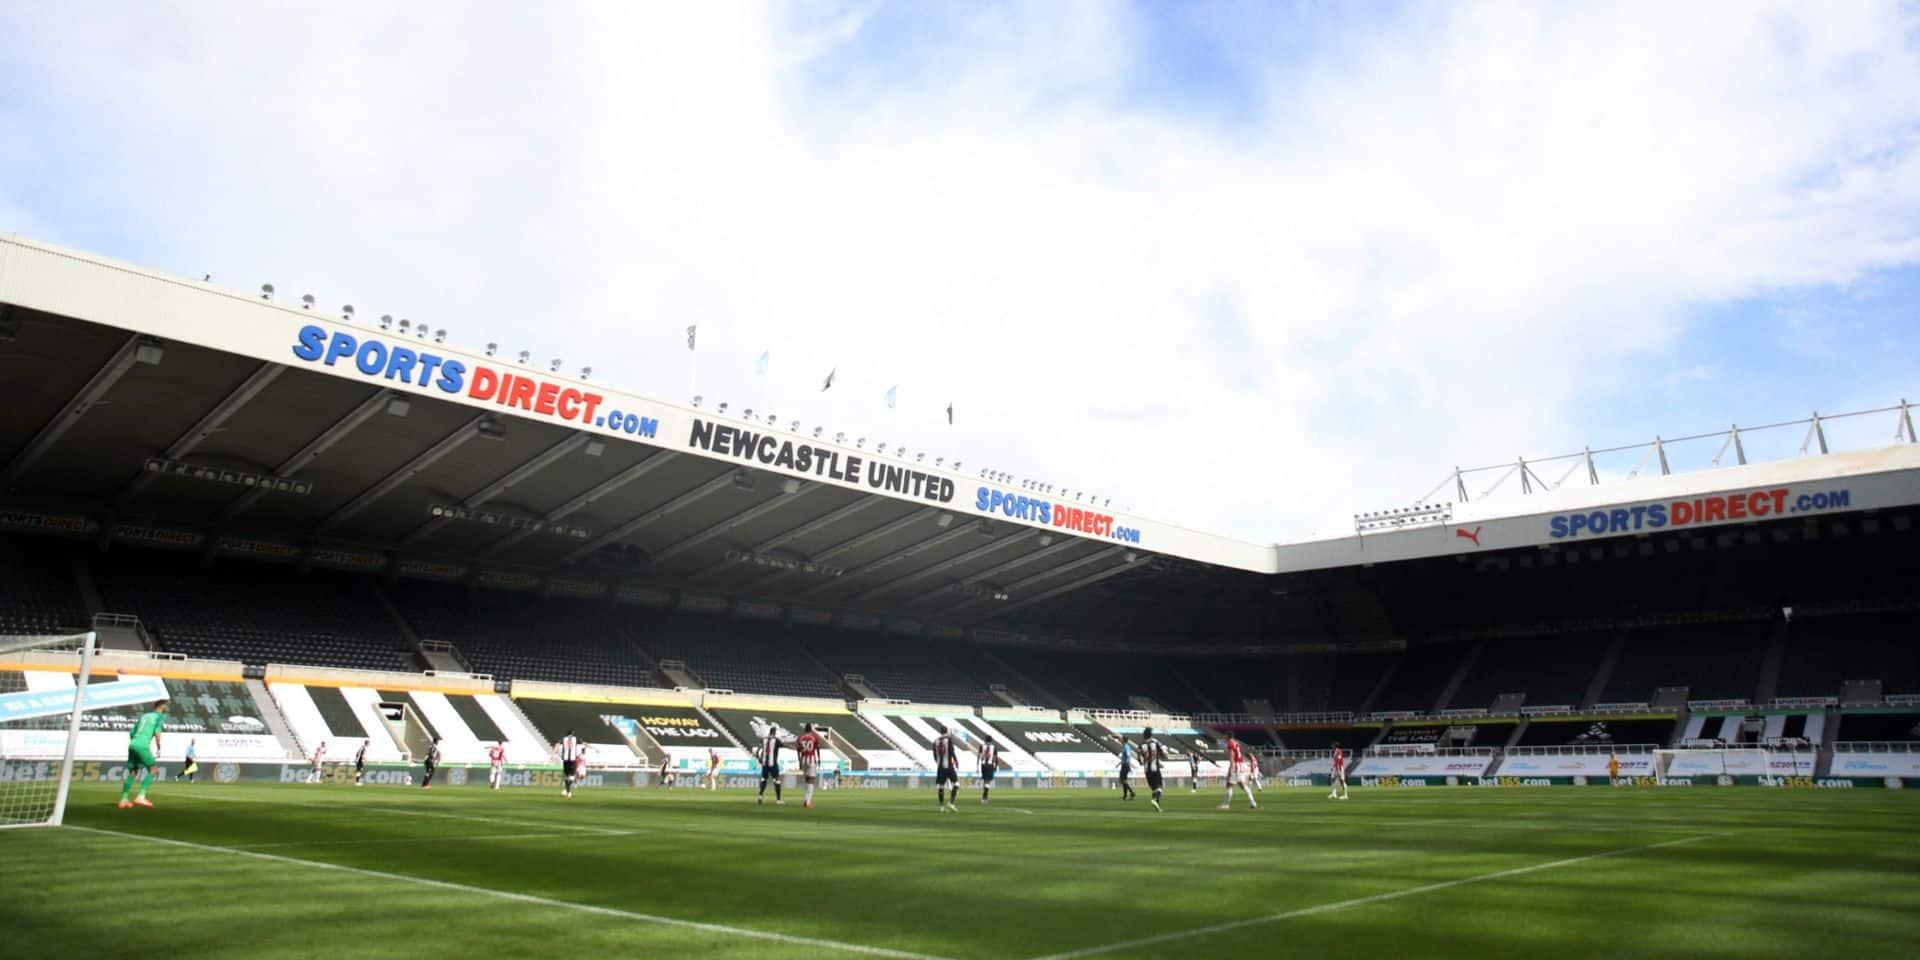 Newcastle : La Premier League approuve le rachat du club par un fonds saoudien